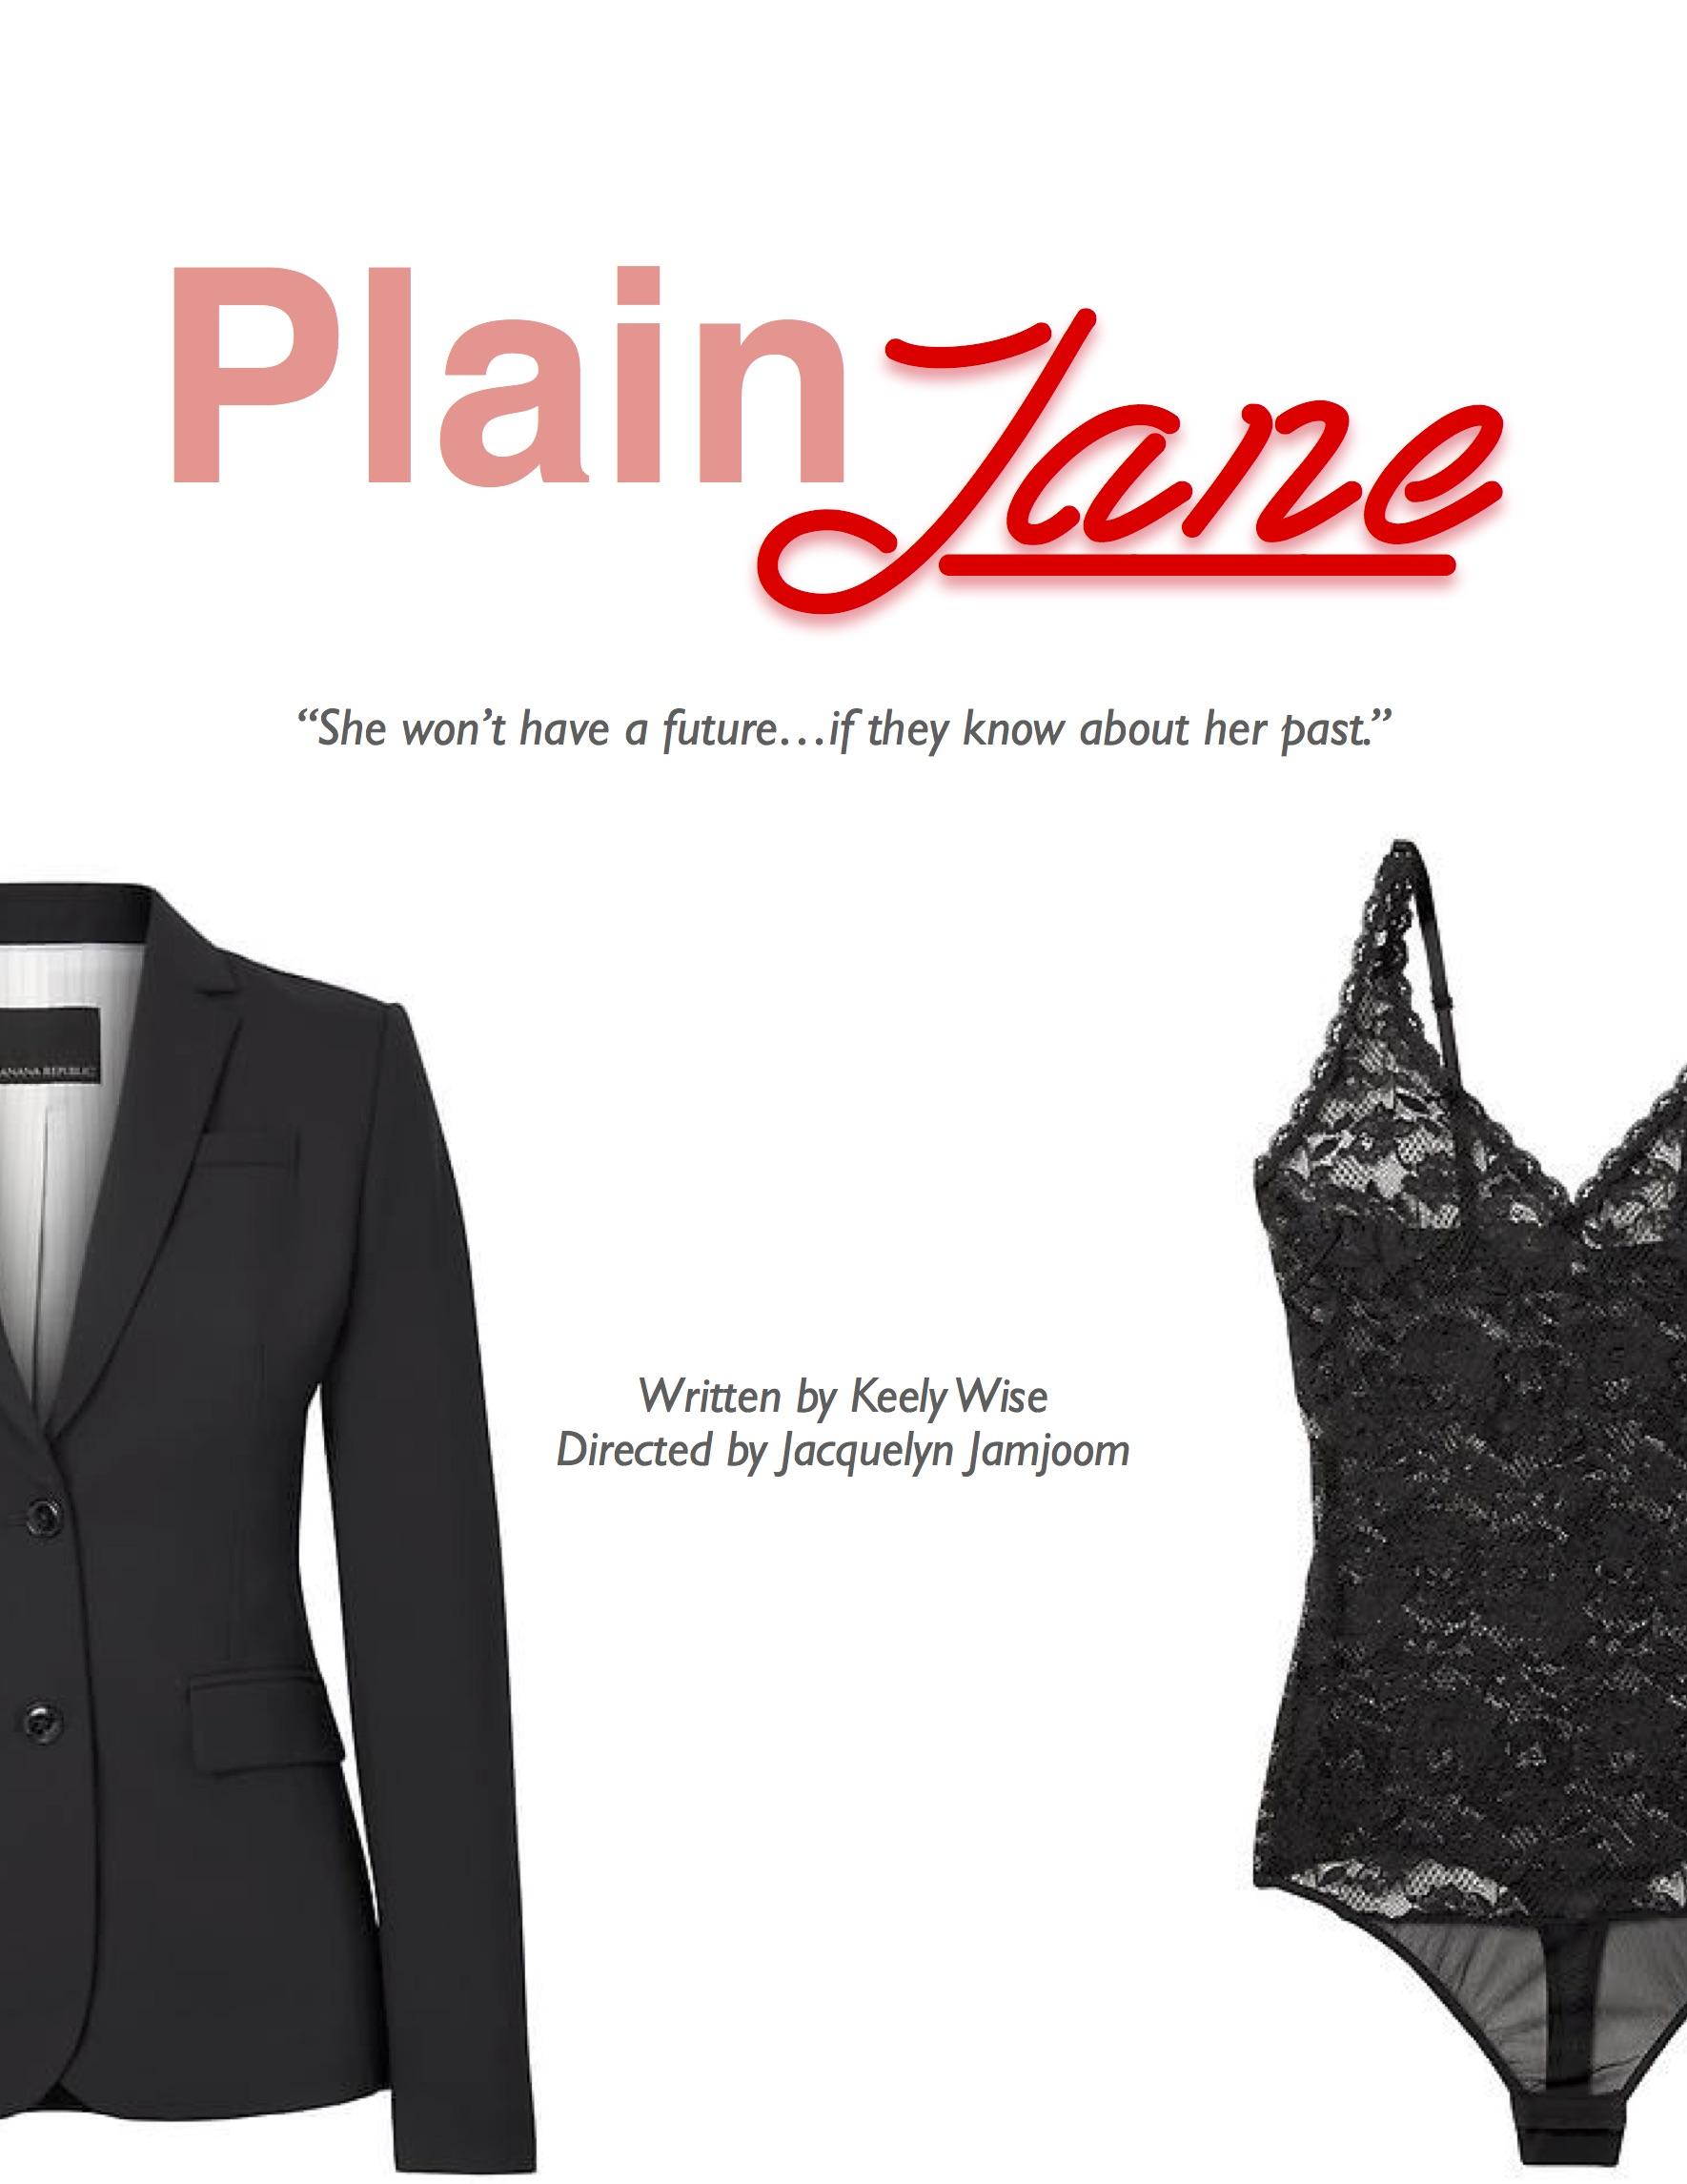 PlainJane_PromoImage.jpg